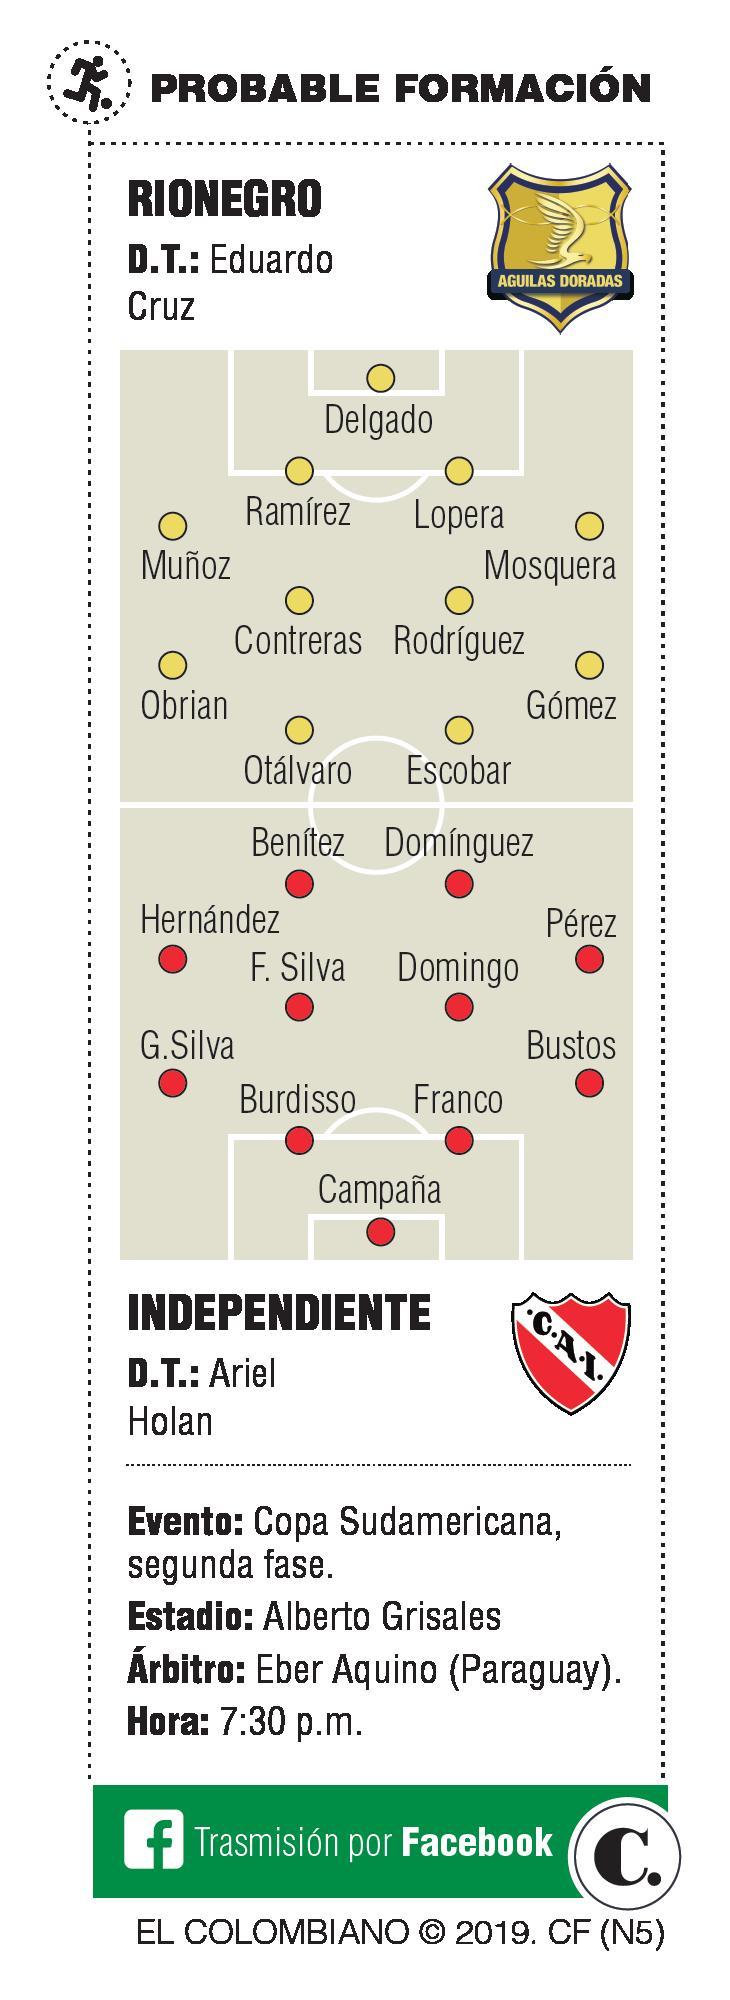 Rionegro-Independiente, partido de primer nivel